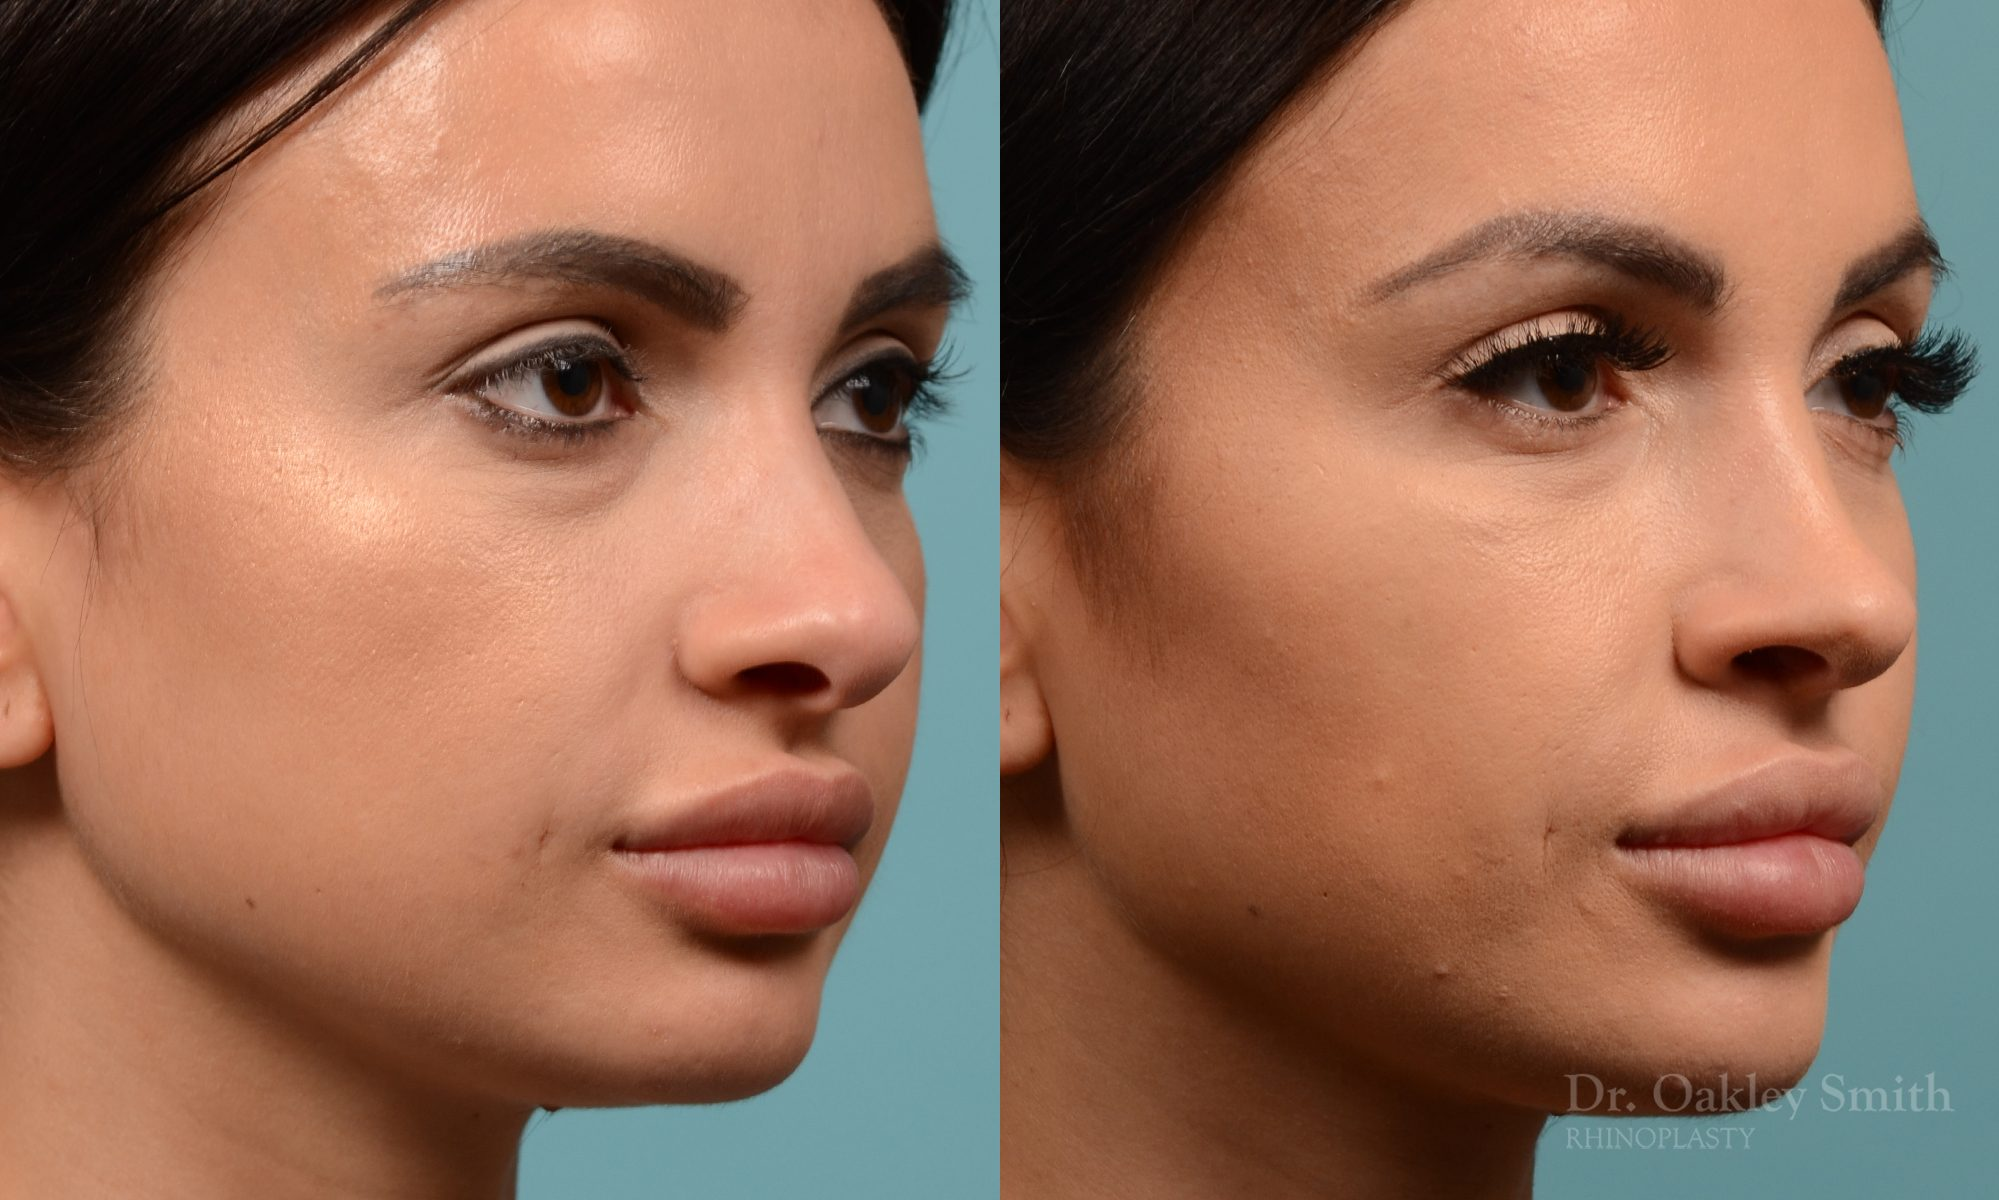 Female nose reduction rhinoplasty